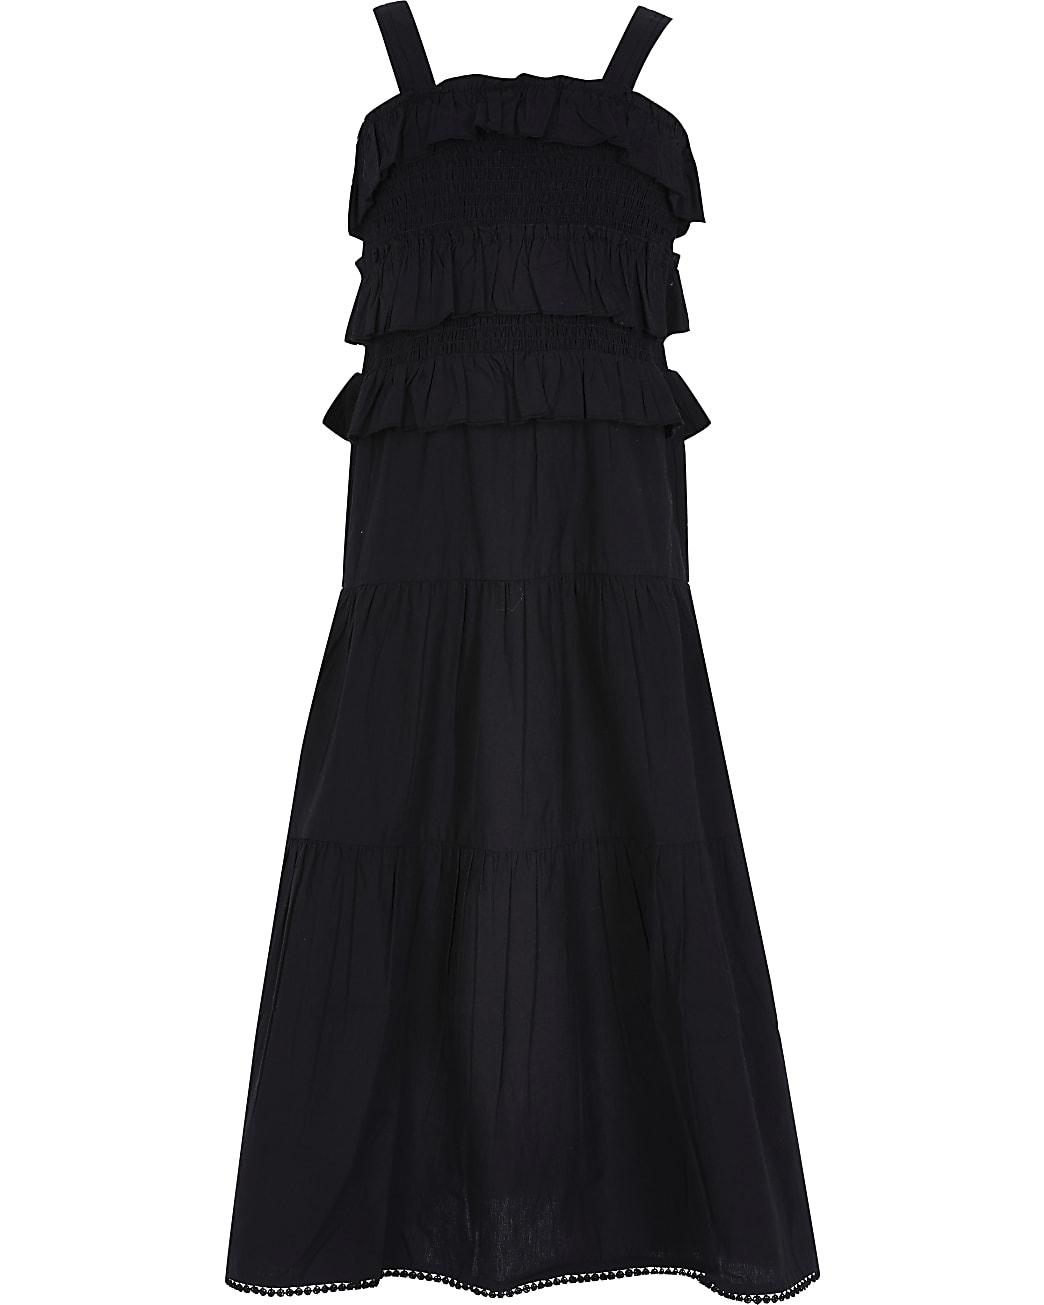 Girls black frill maxi dress